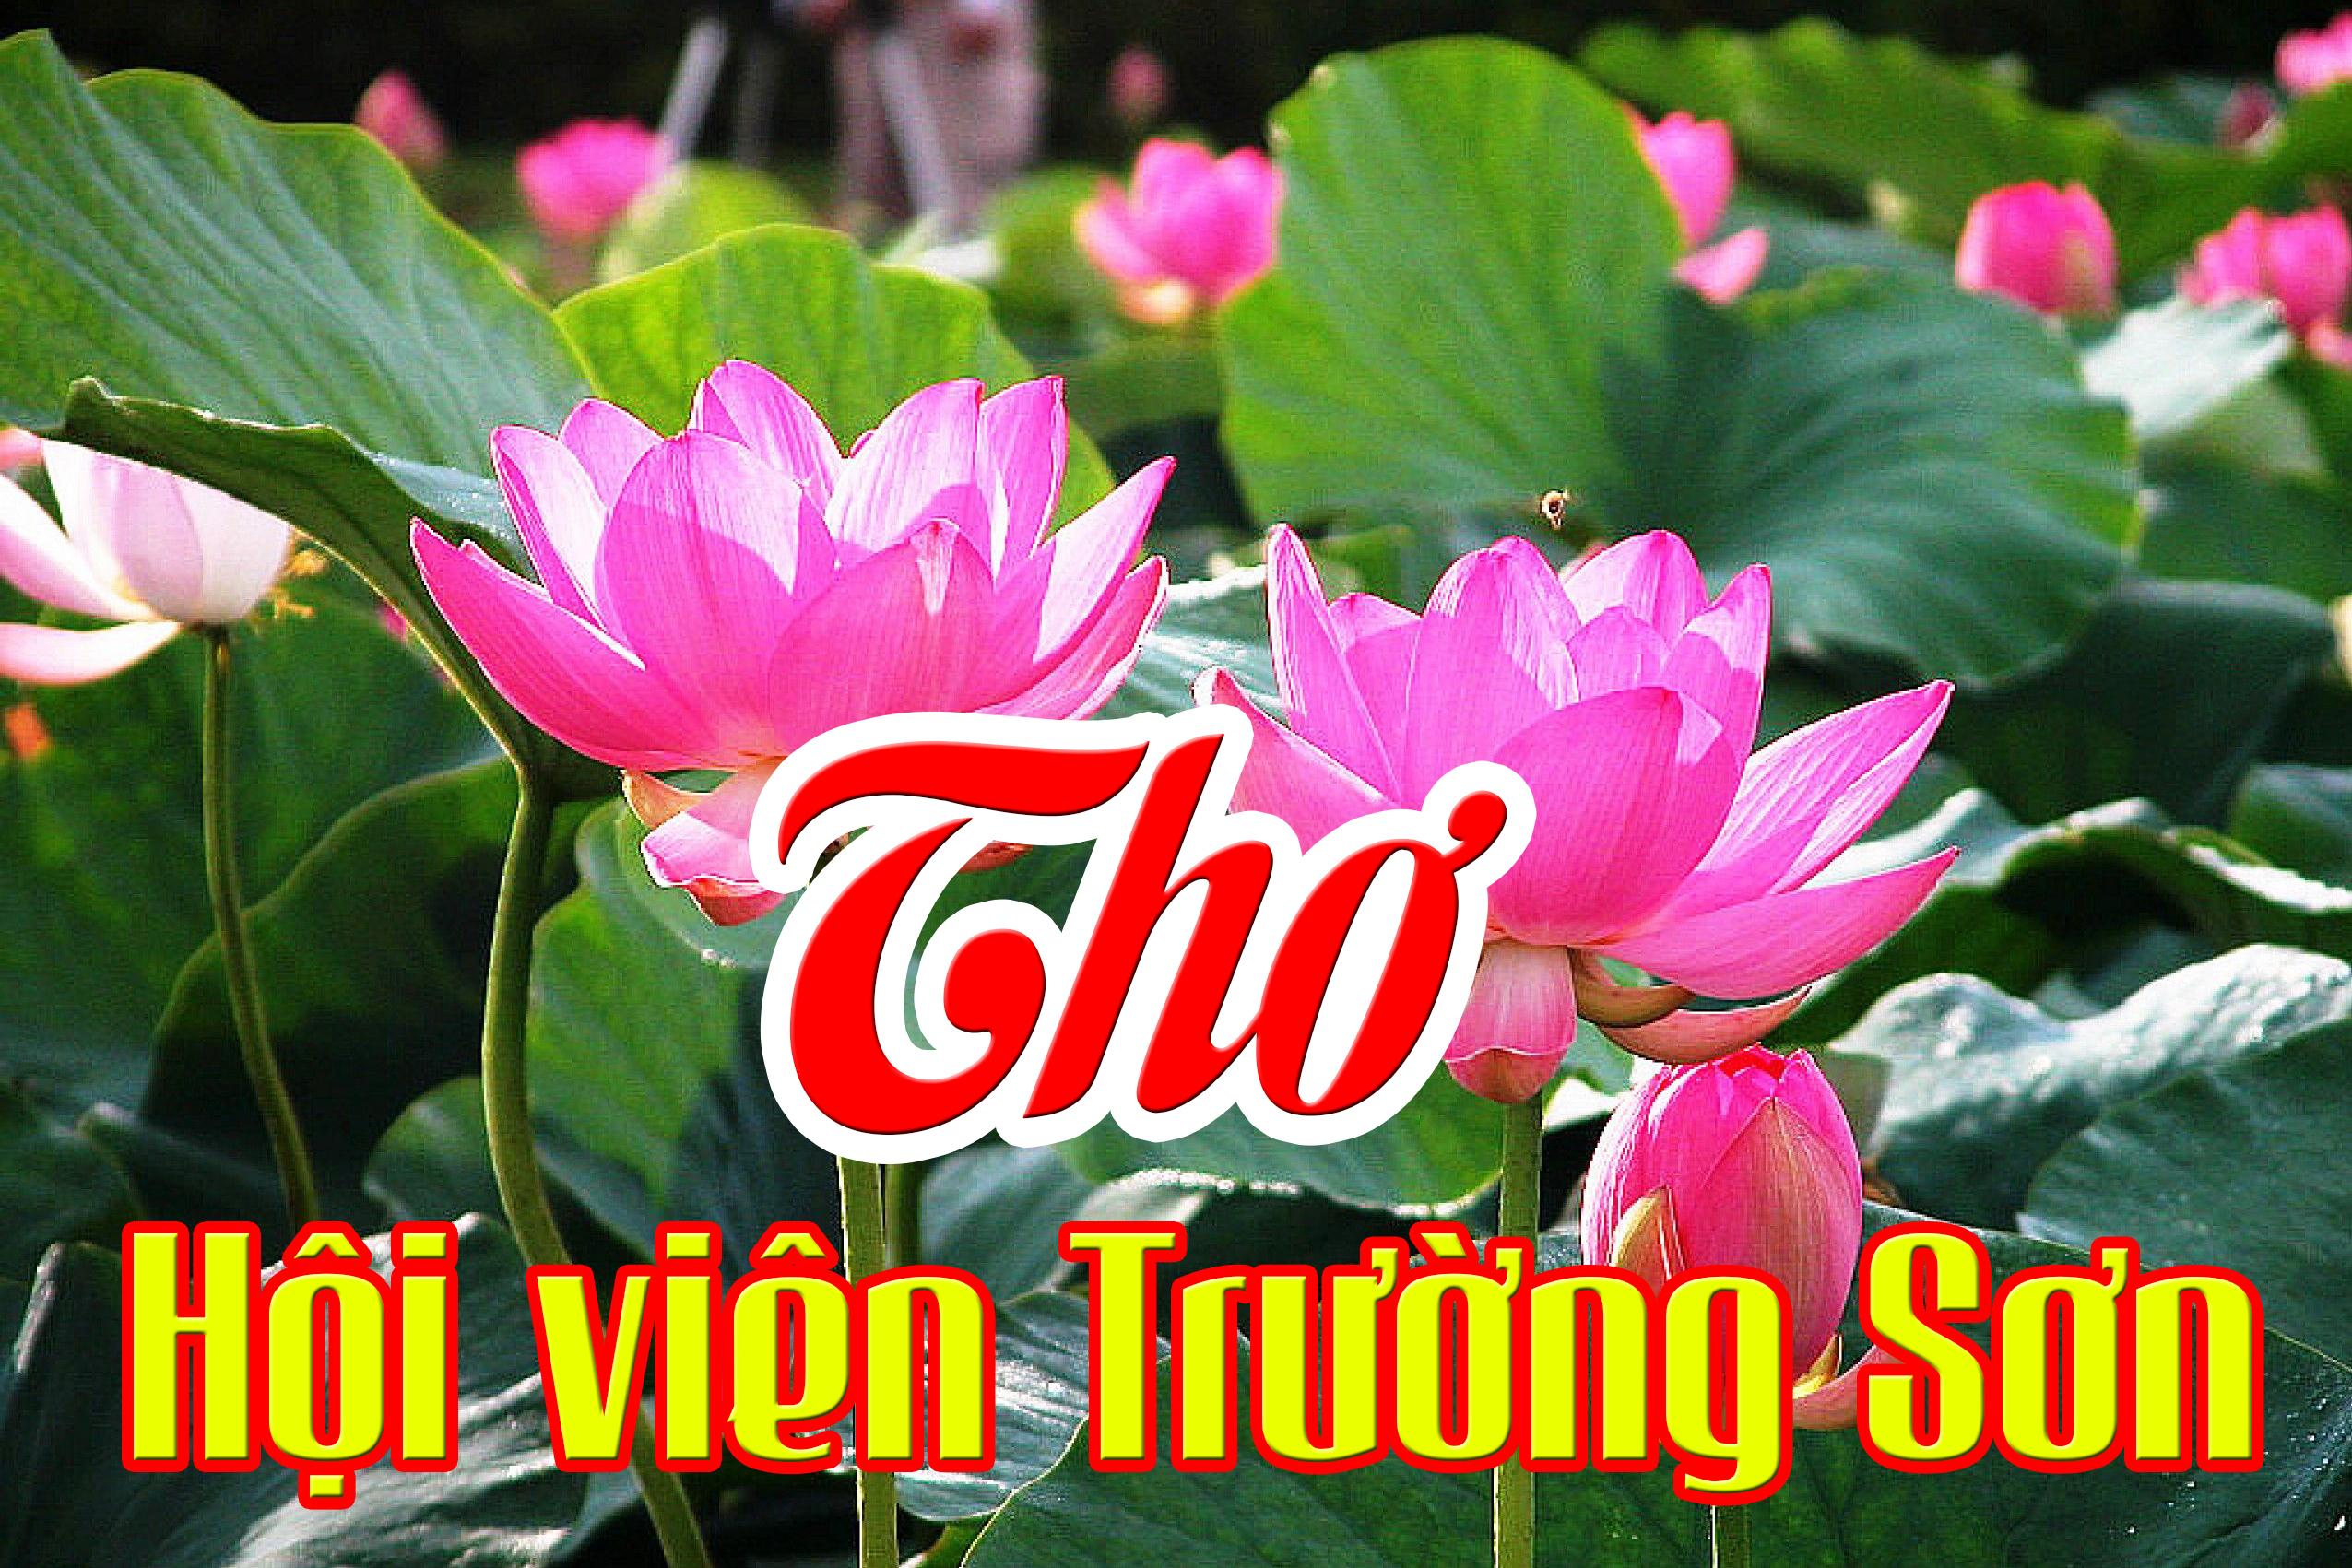 Chùm thơ của Hoàng Huy, Hội viên Hội VHNT Trường Sơn